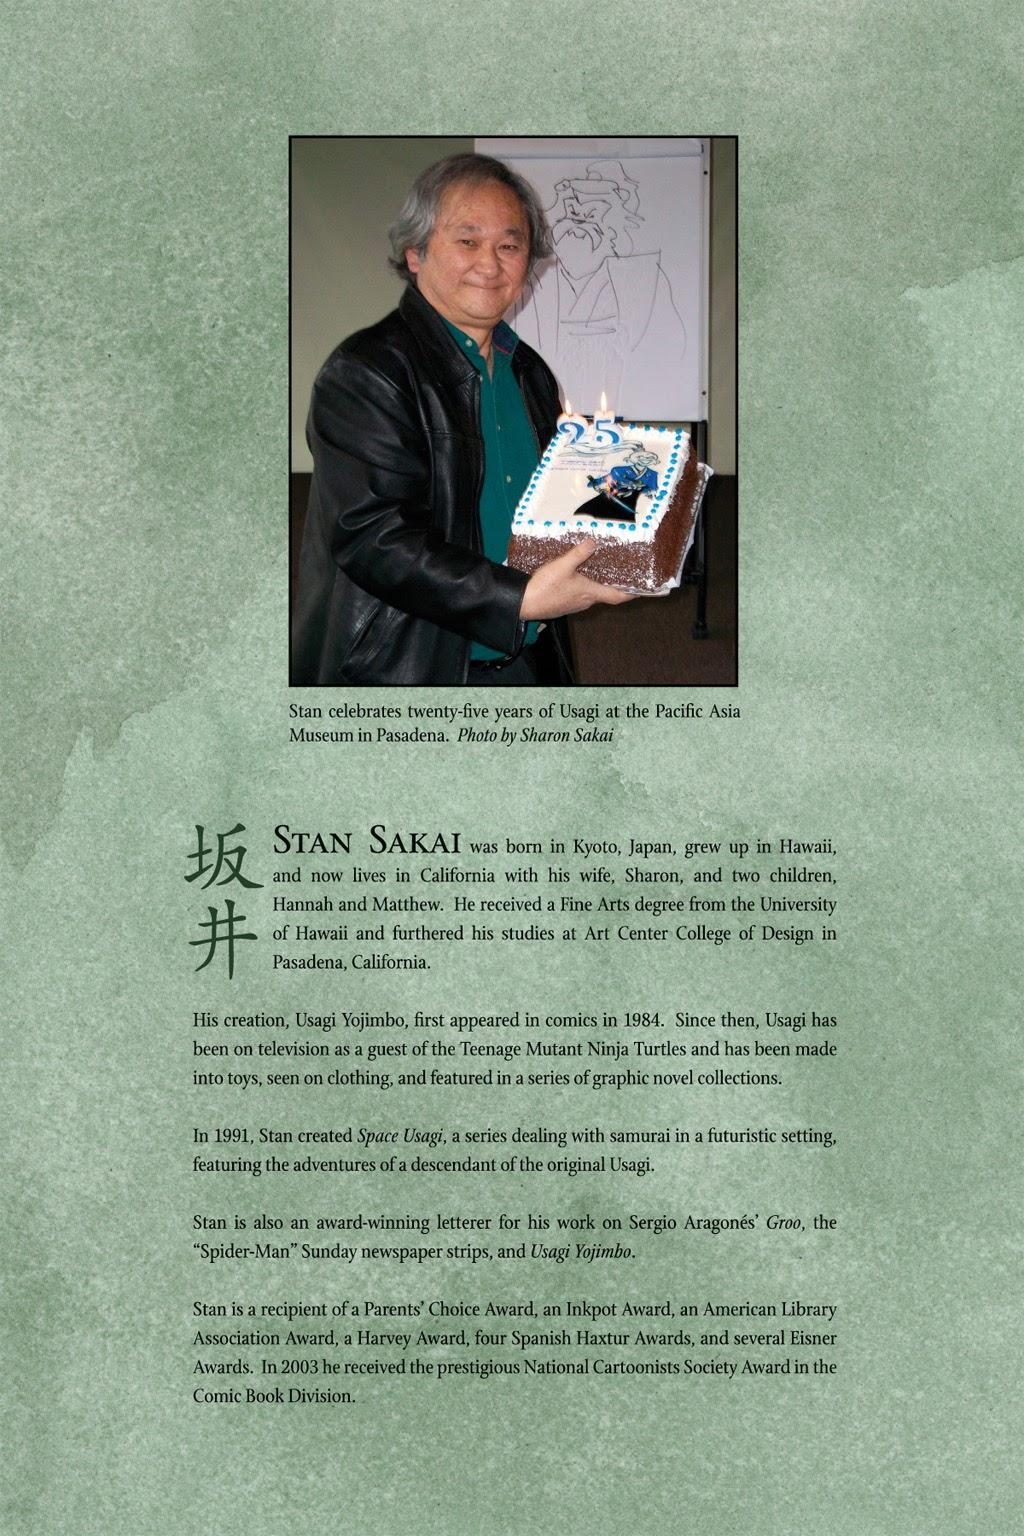 Read online Usagi Yojimbo: Yokai comic -  Issue # Full - 56